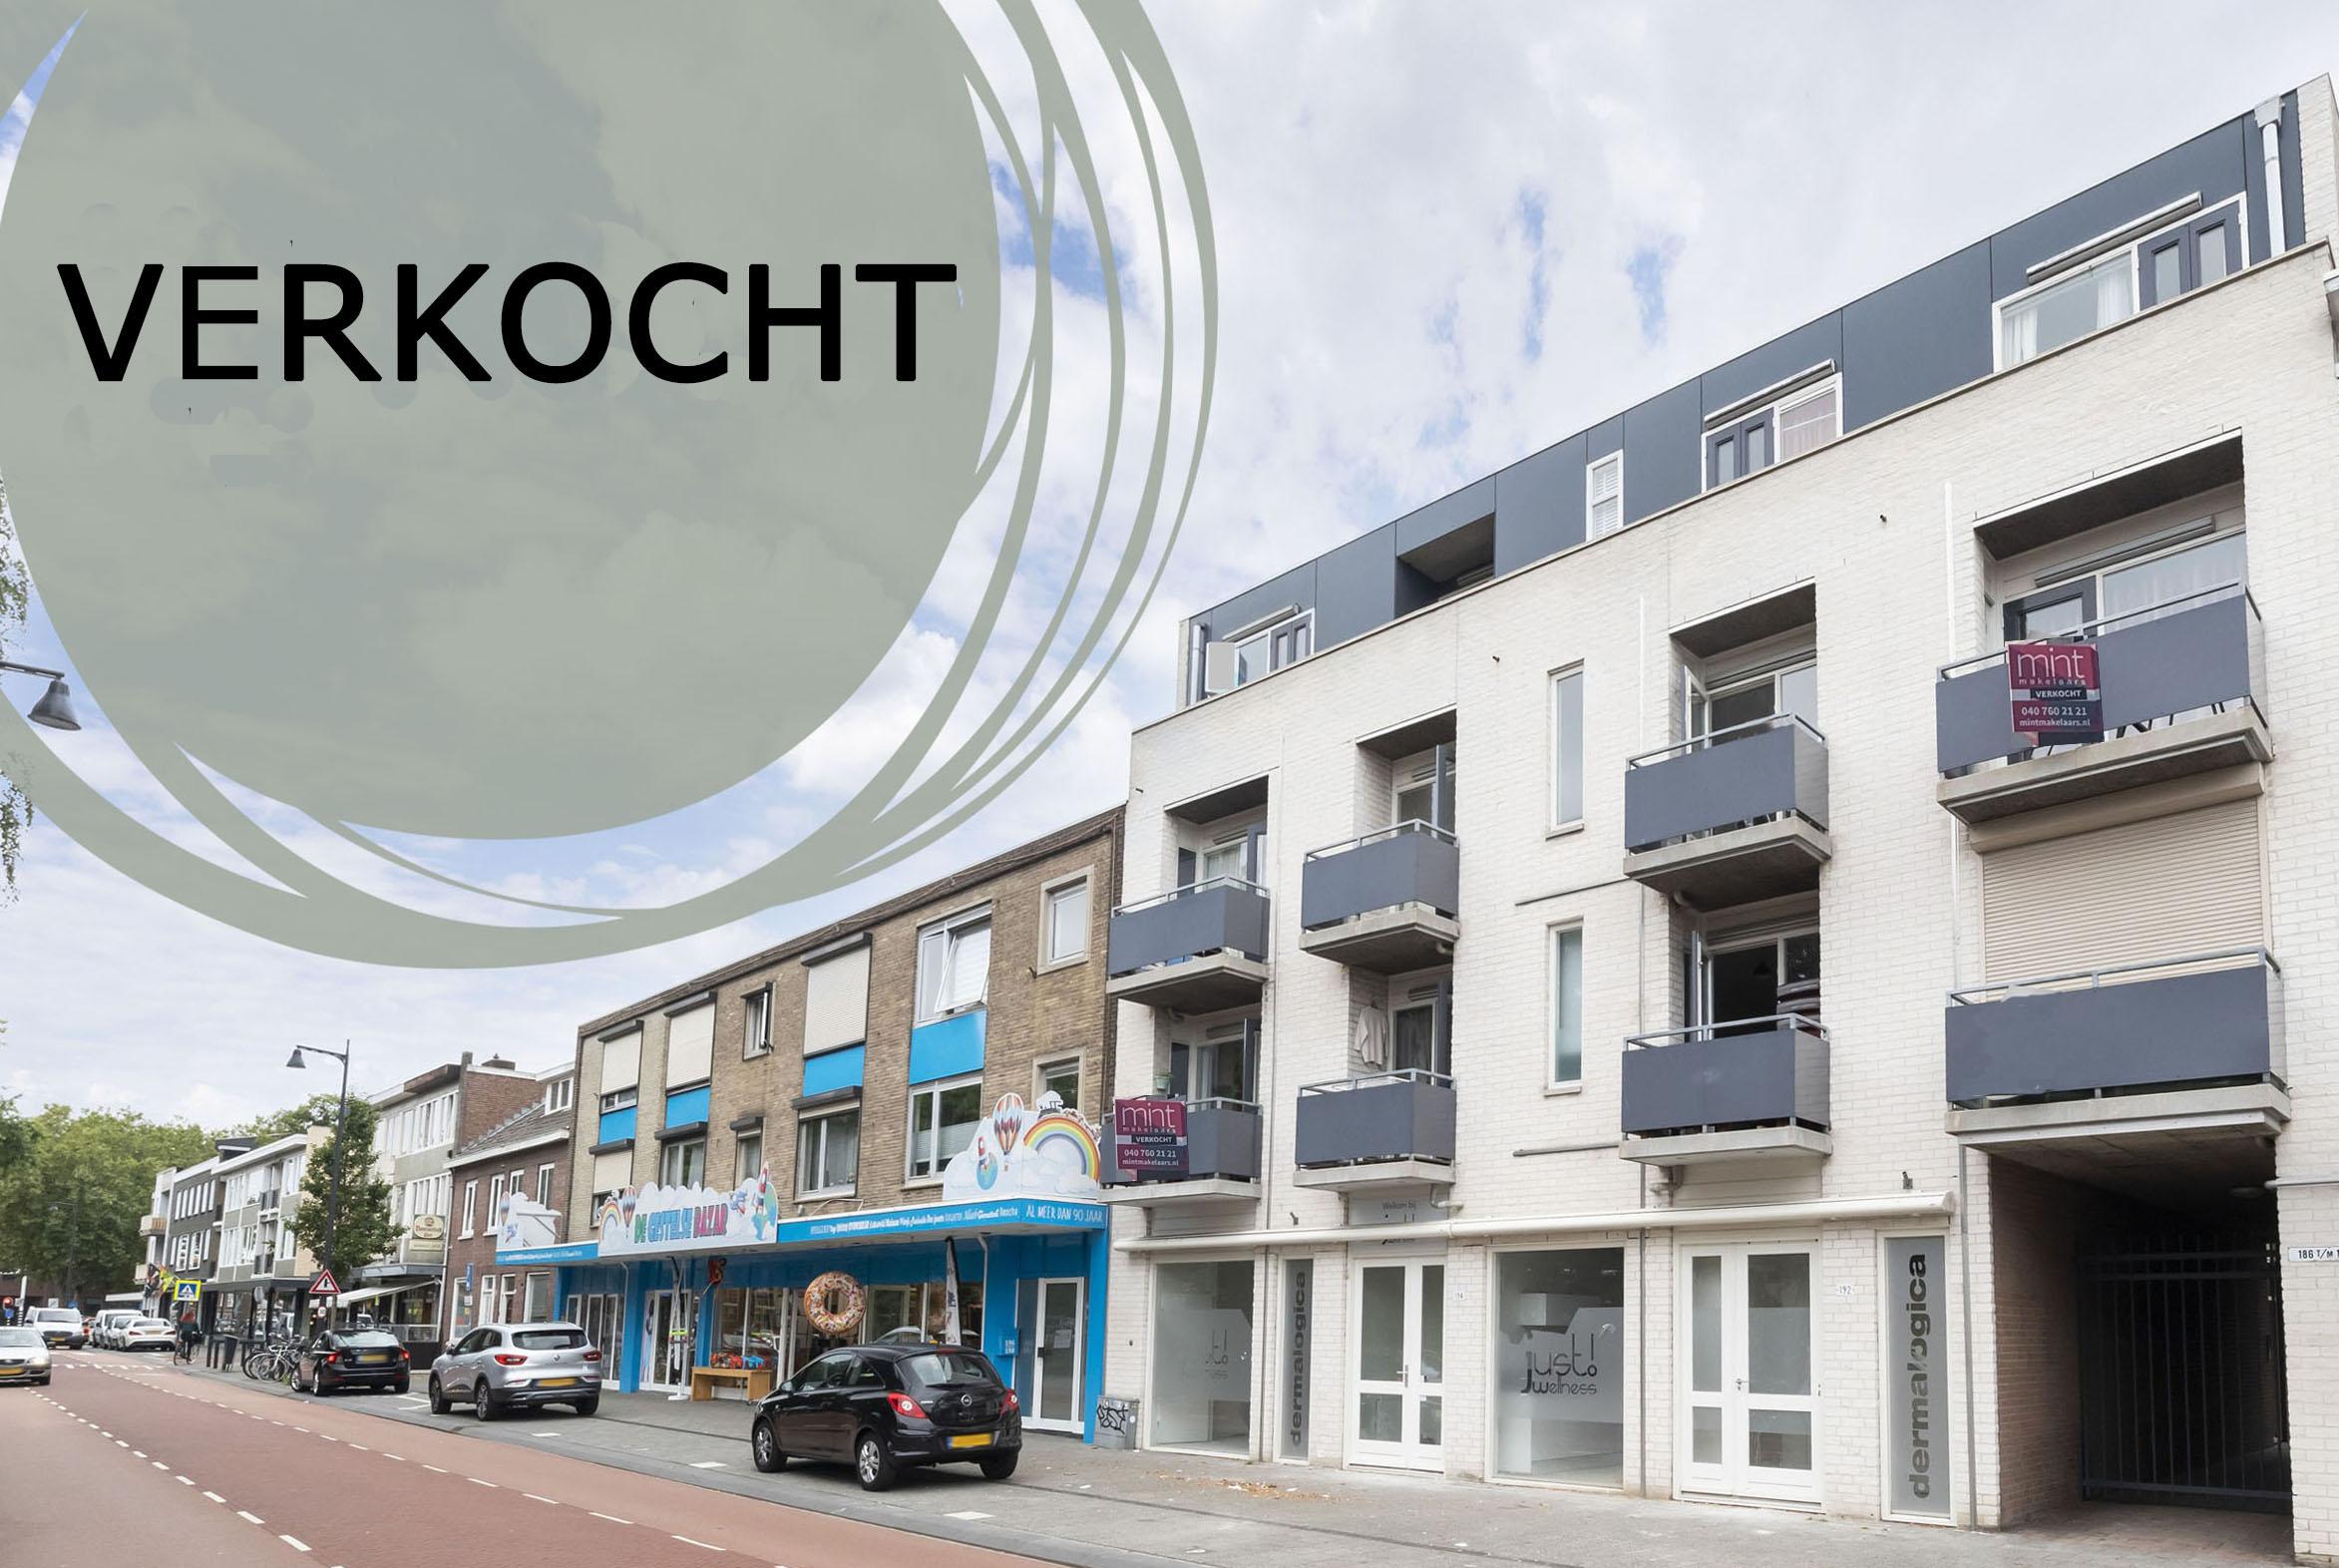 Verkocht Mint Makelaars Eindhoven